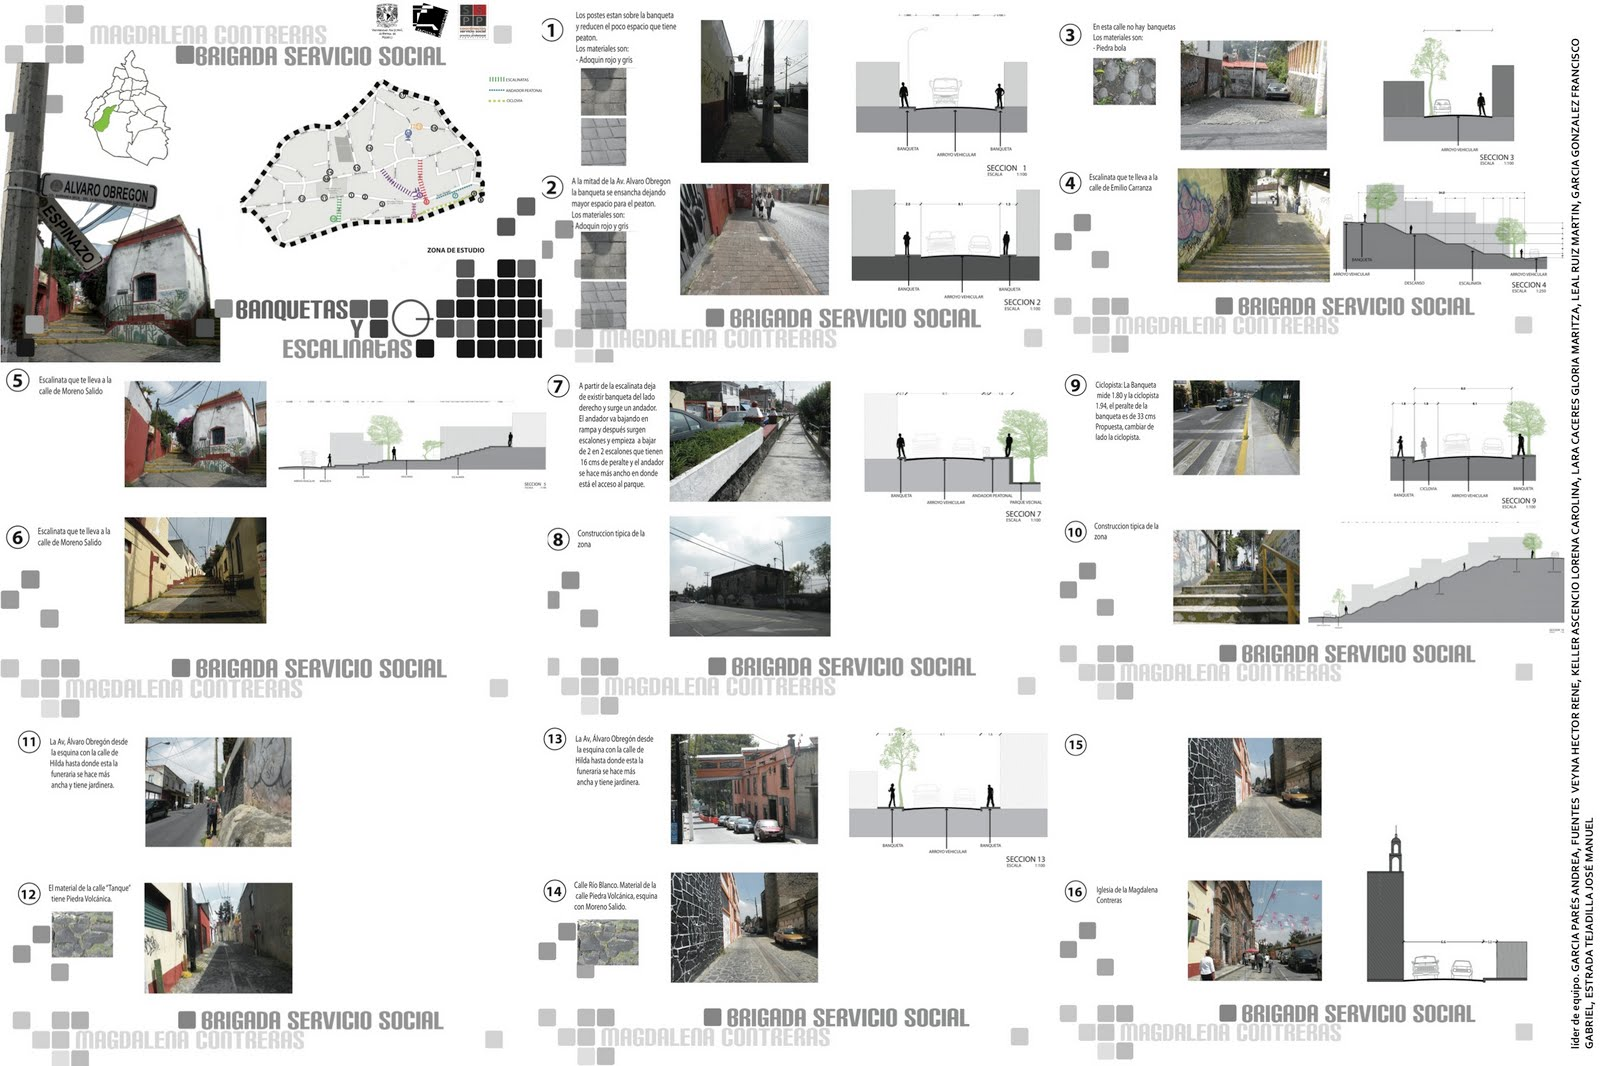 Servicio social facultad de arquitectura unam 09 17 10 for Facultad de arquitectura una